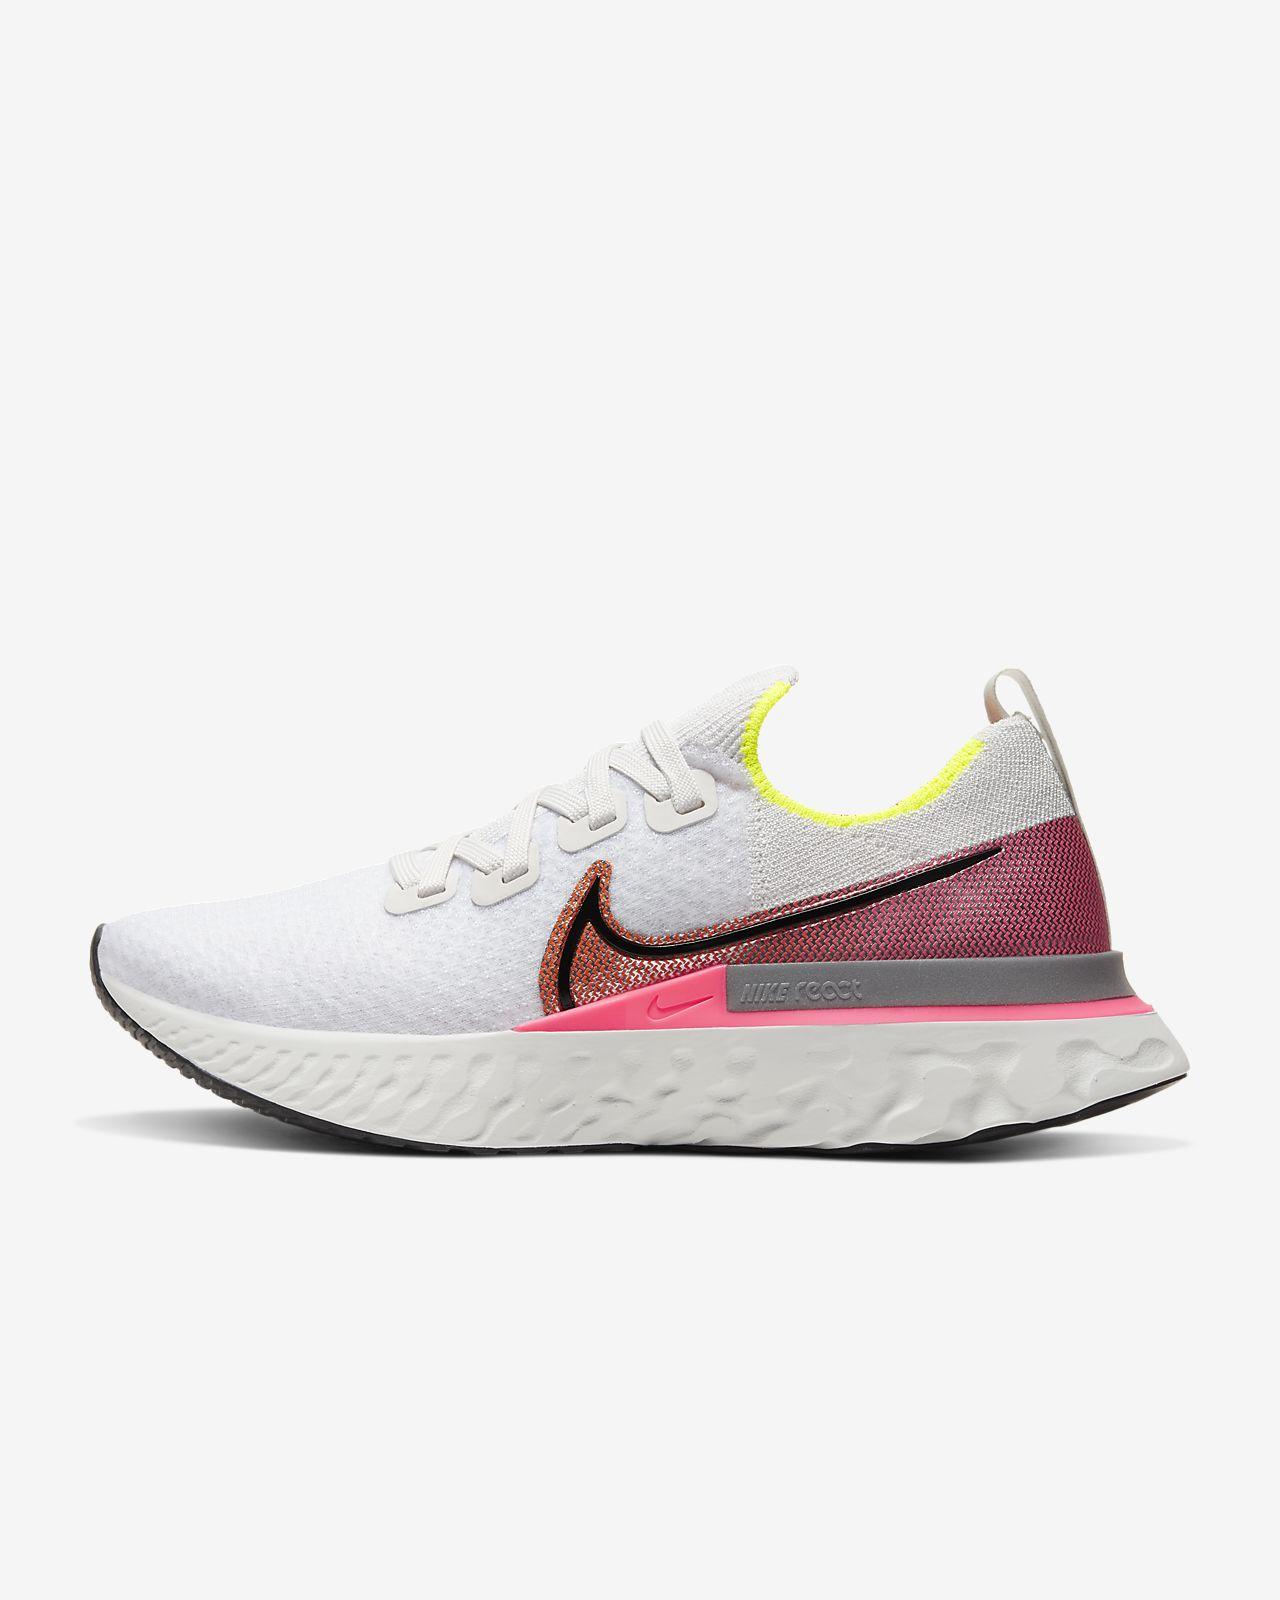 Calzado de running para mujer Nike React Infinity Run Flyknit